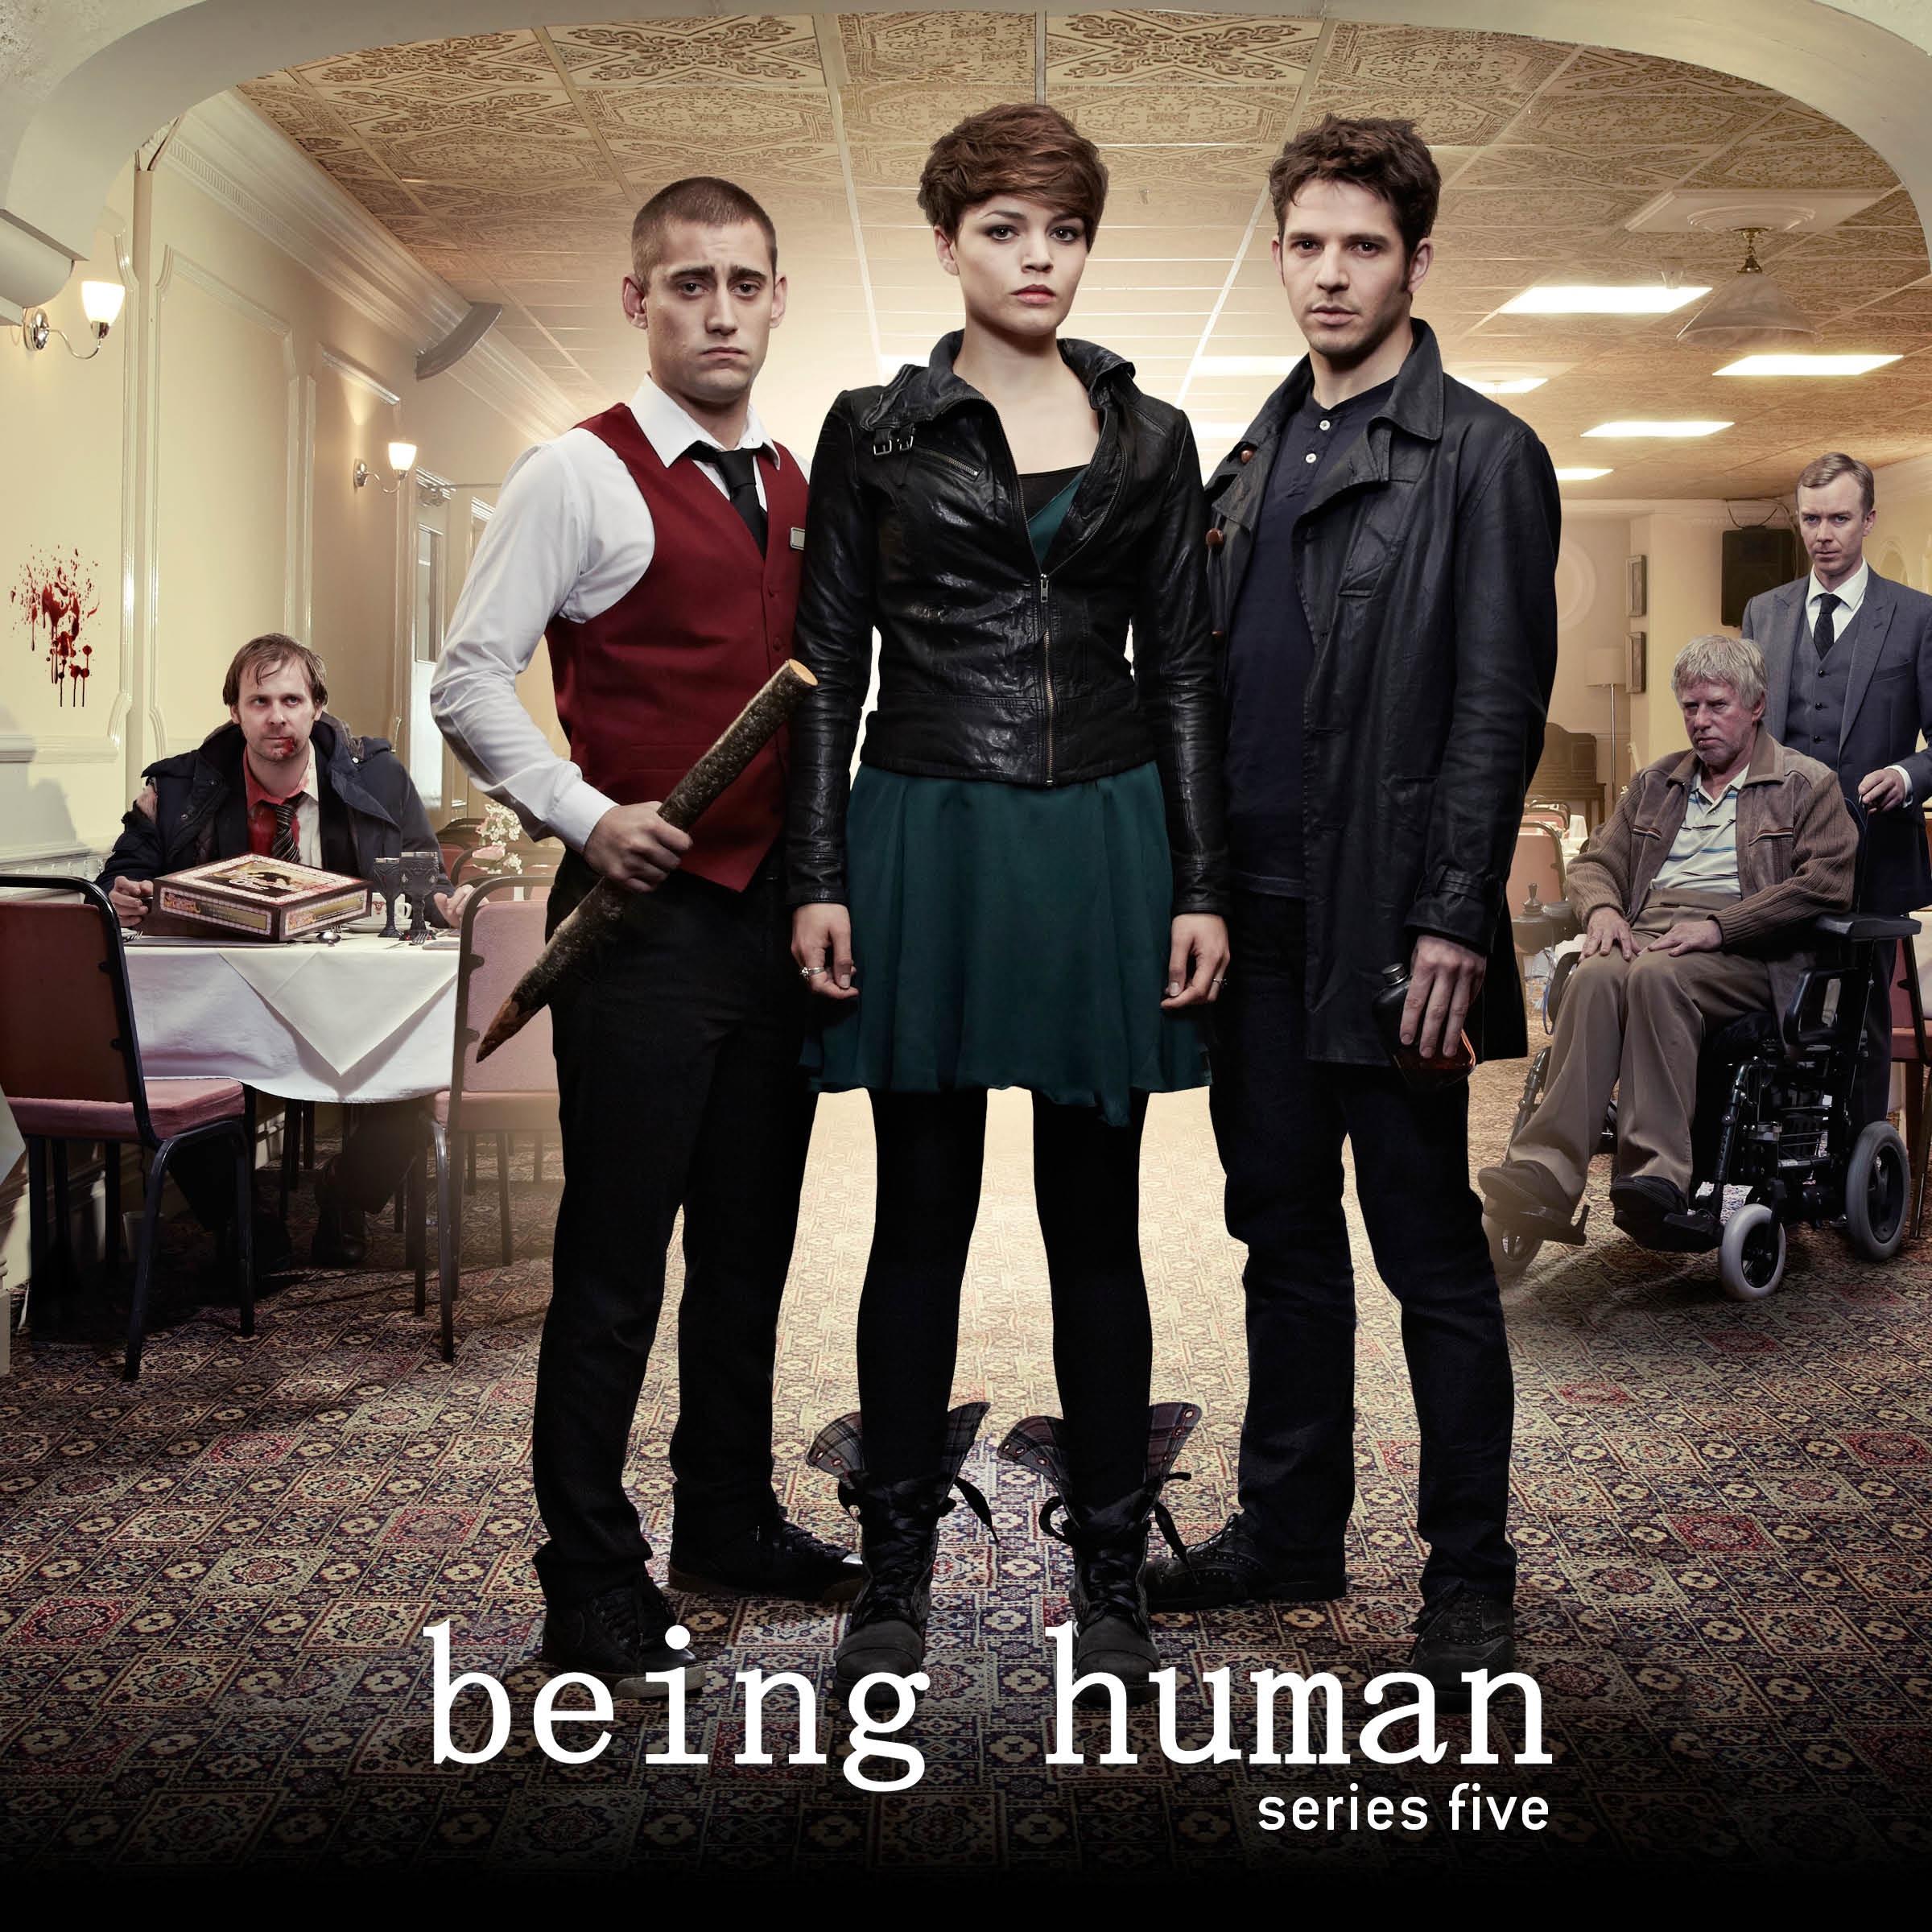 Being Human Season 3 Episode 1